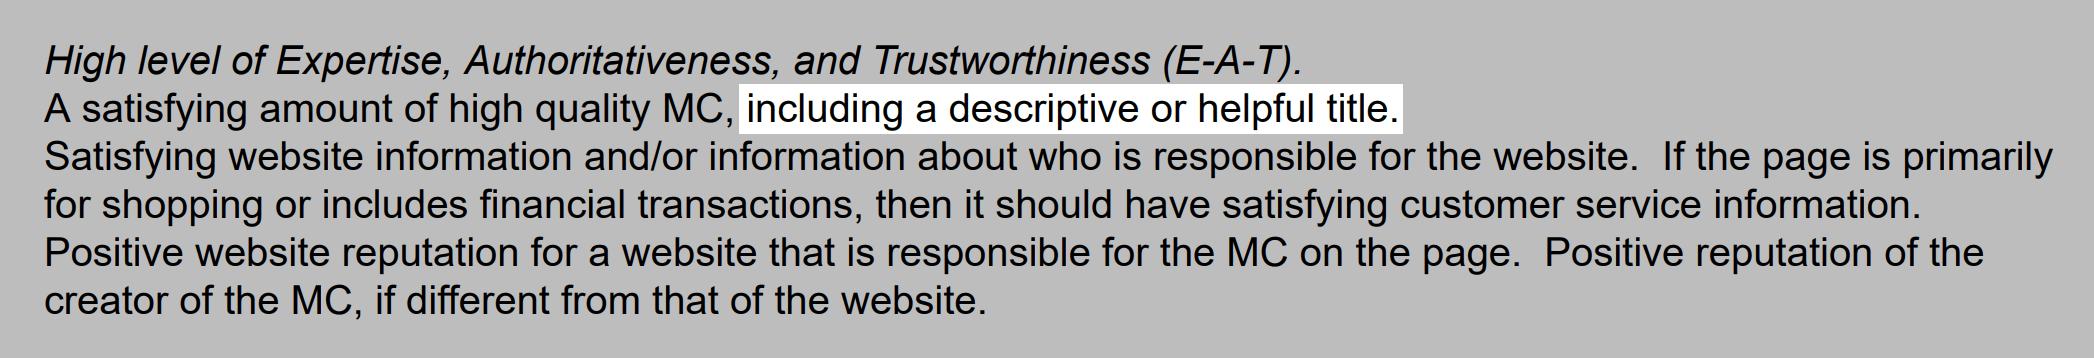 دستورالعملهای گوگل حاکی از آن است که عناوین توصیفی مهم هستند .